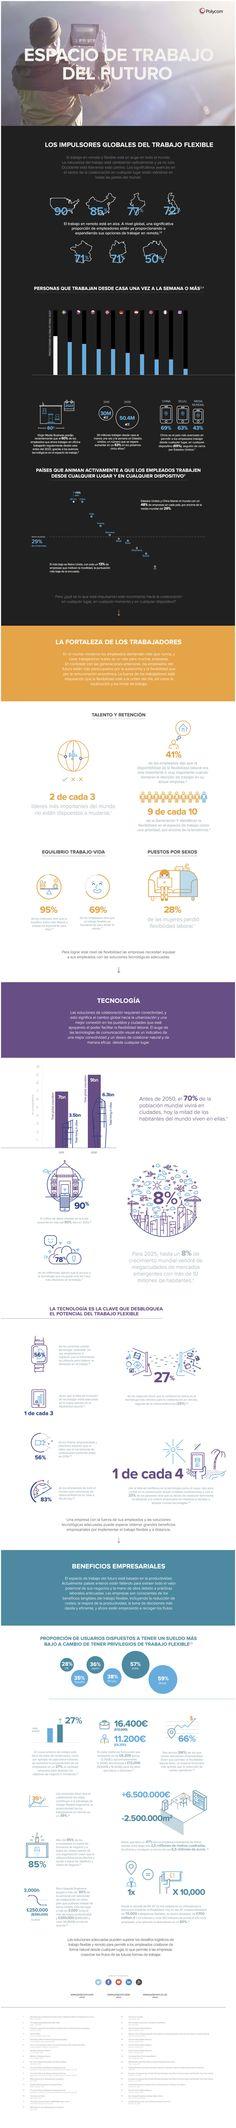 Cómo será el Espacio de Trabajo del Futuro